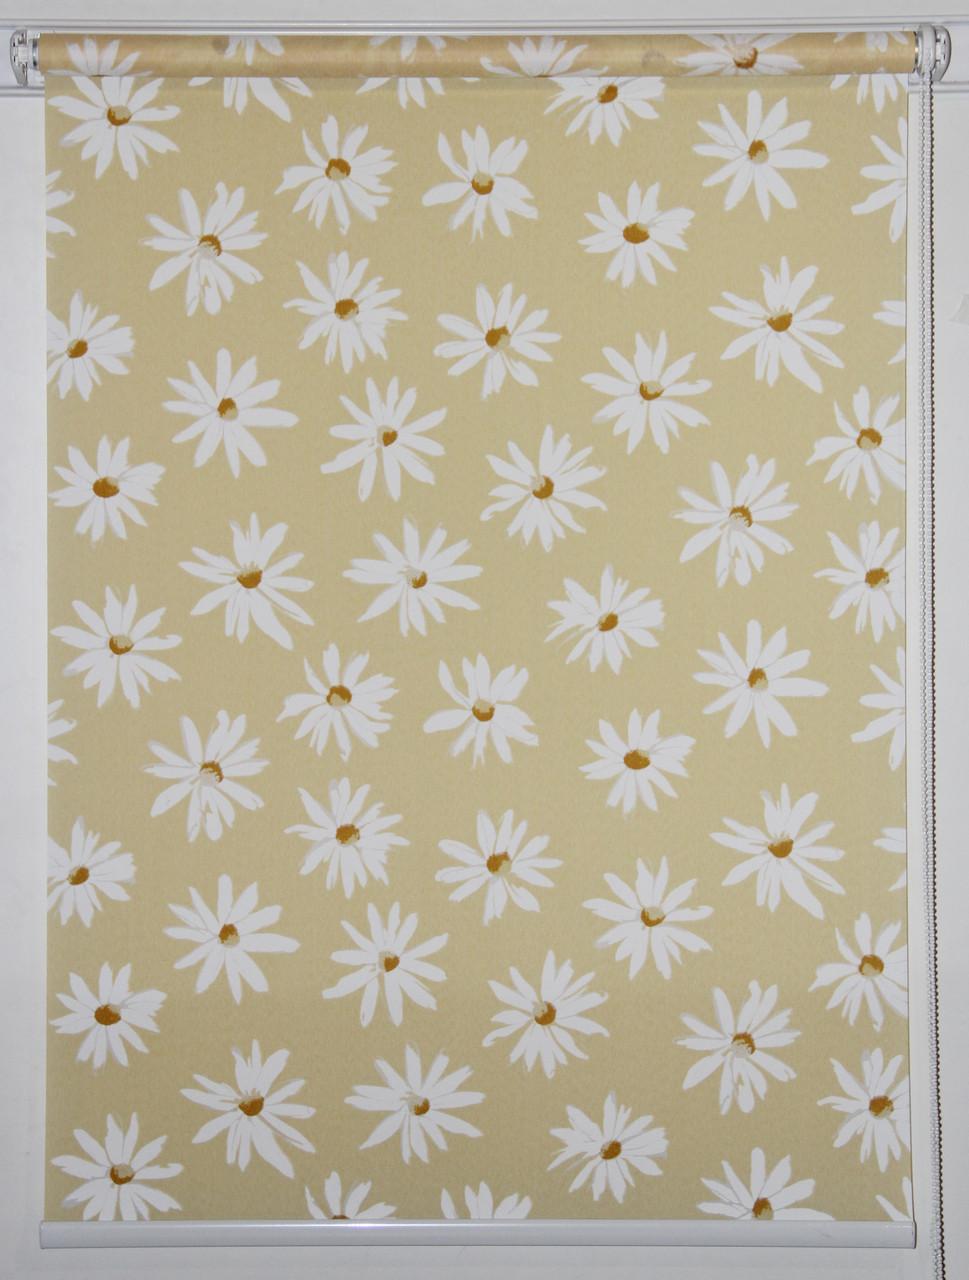 Готовые рулонные шторы 925*1500 Ткань Ромашки Жёлтый